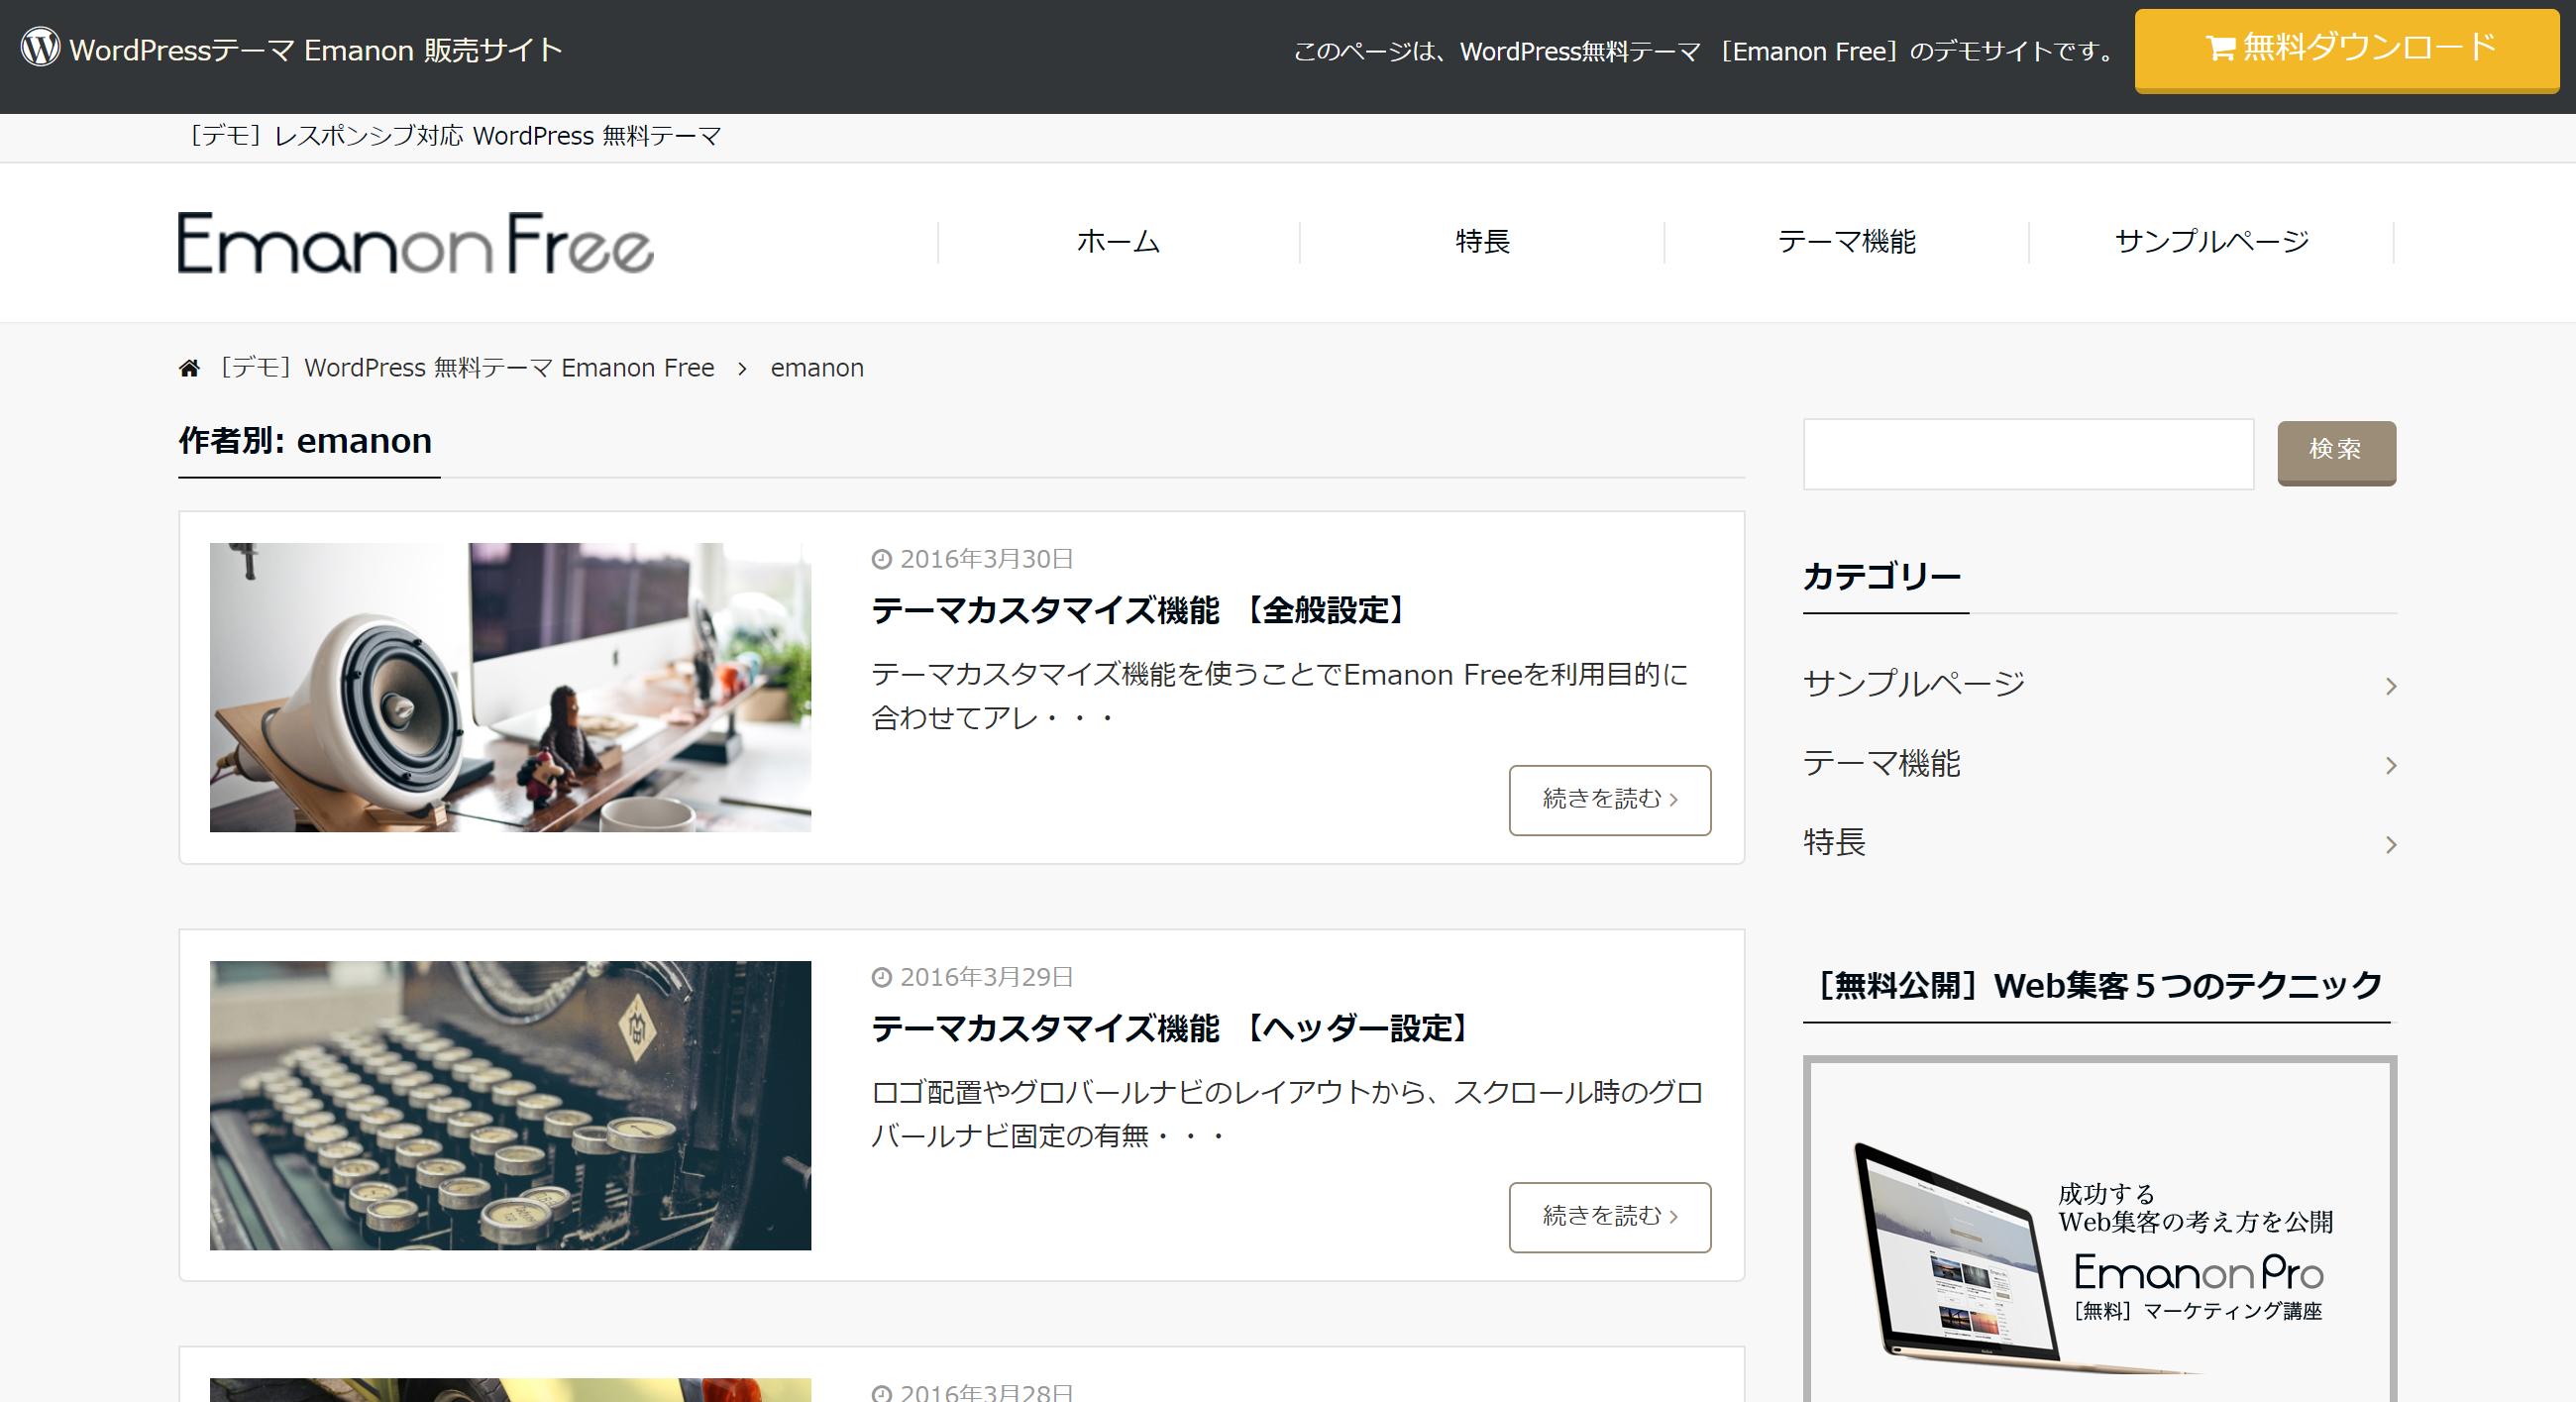 emanon free - WordPressでレスポンシブデザインにする方法!CSS編集やおすすめのテーマまとめ